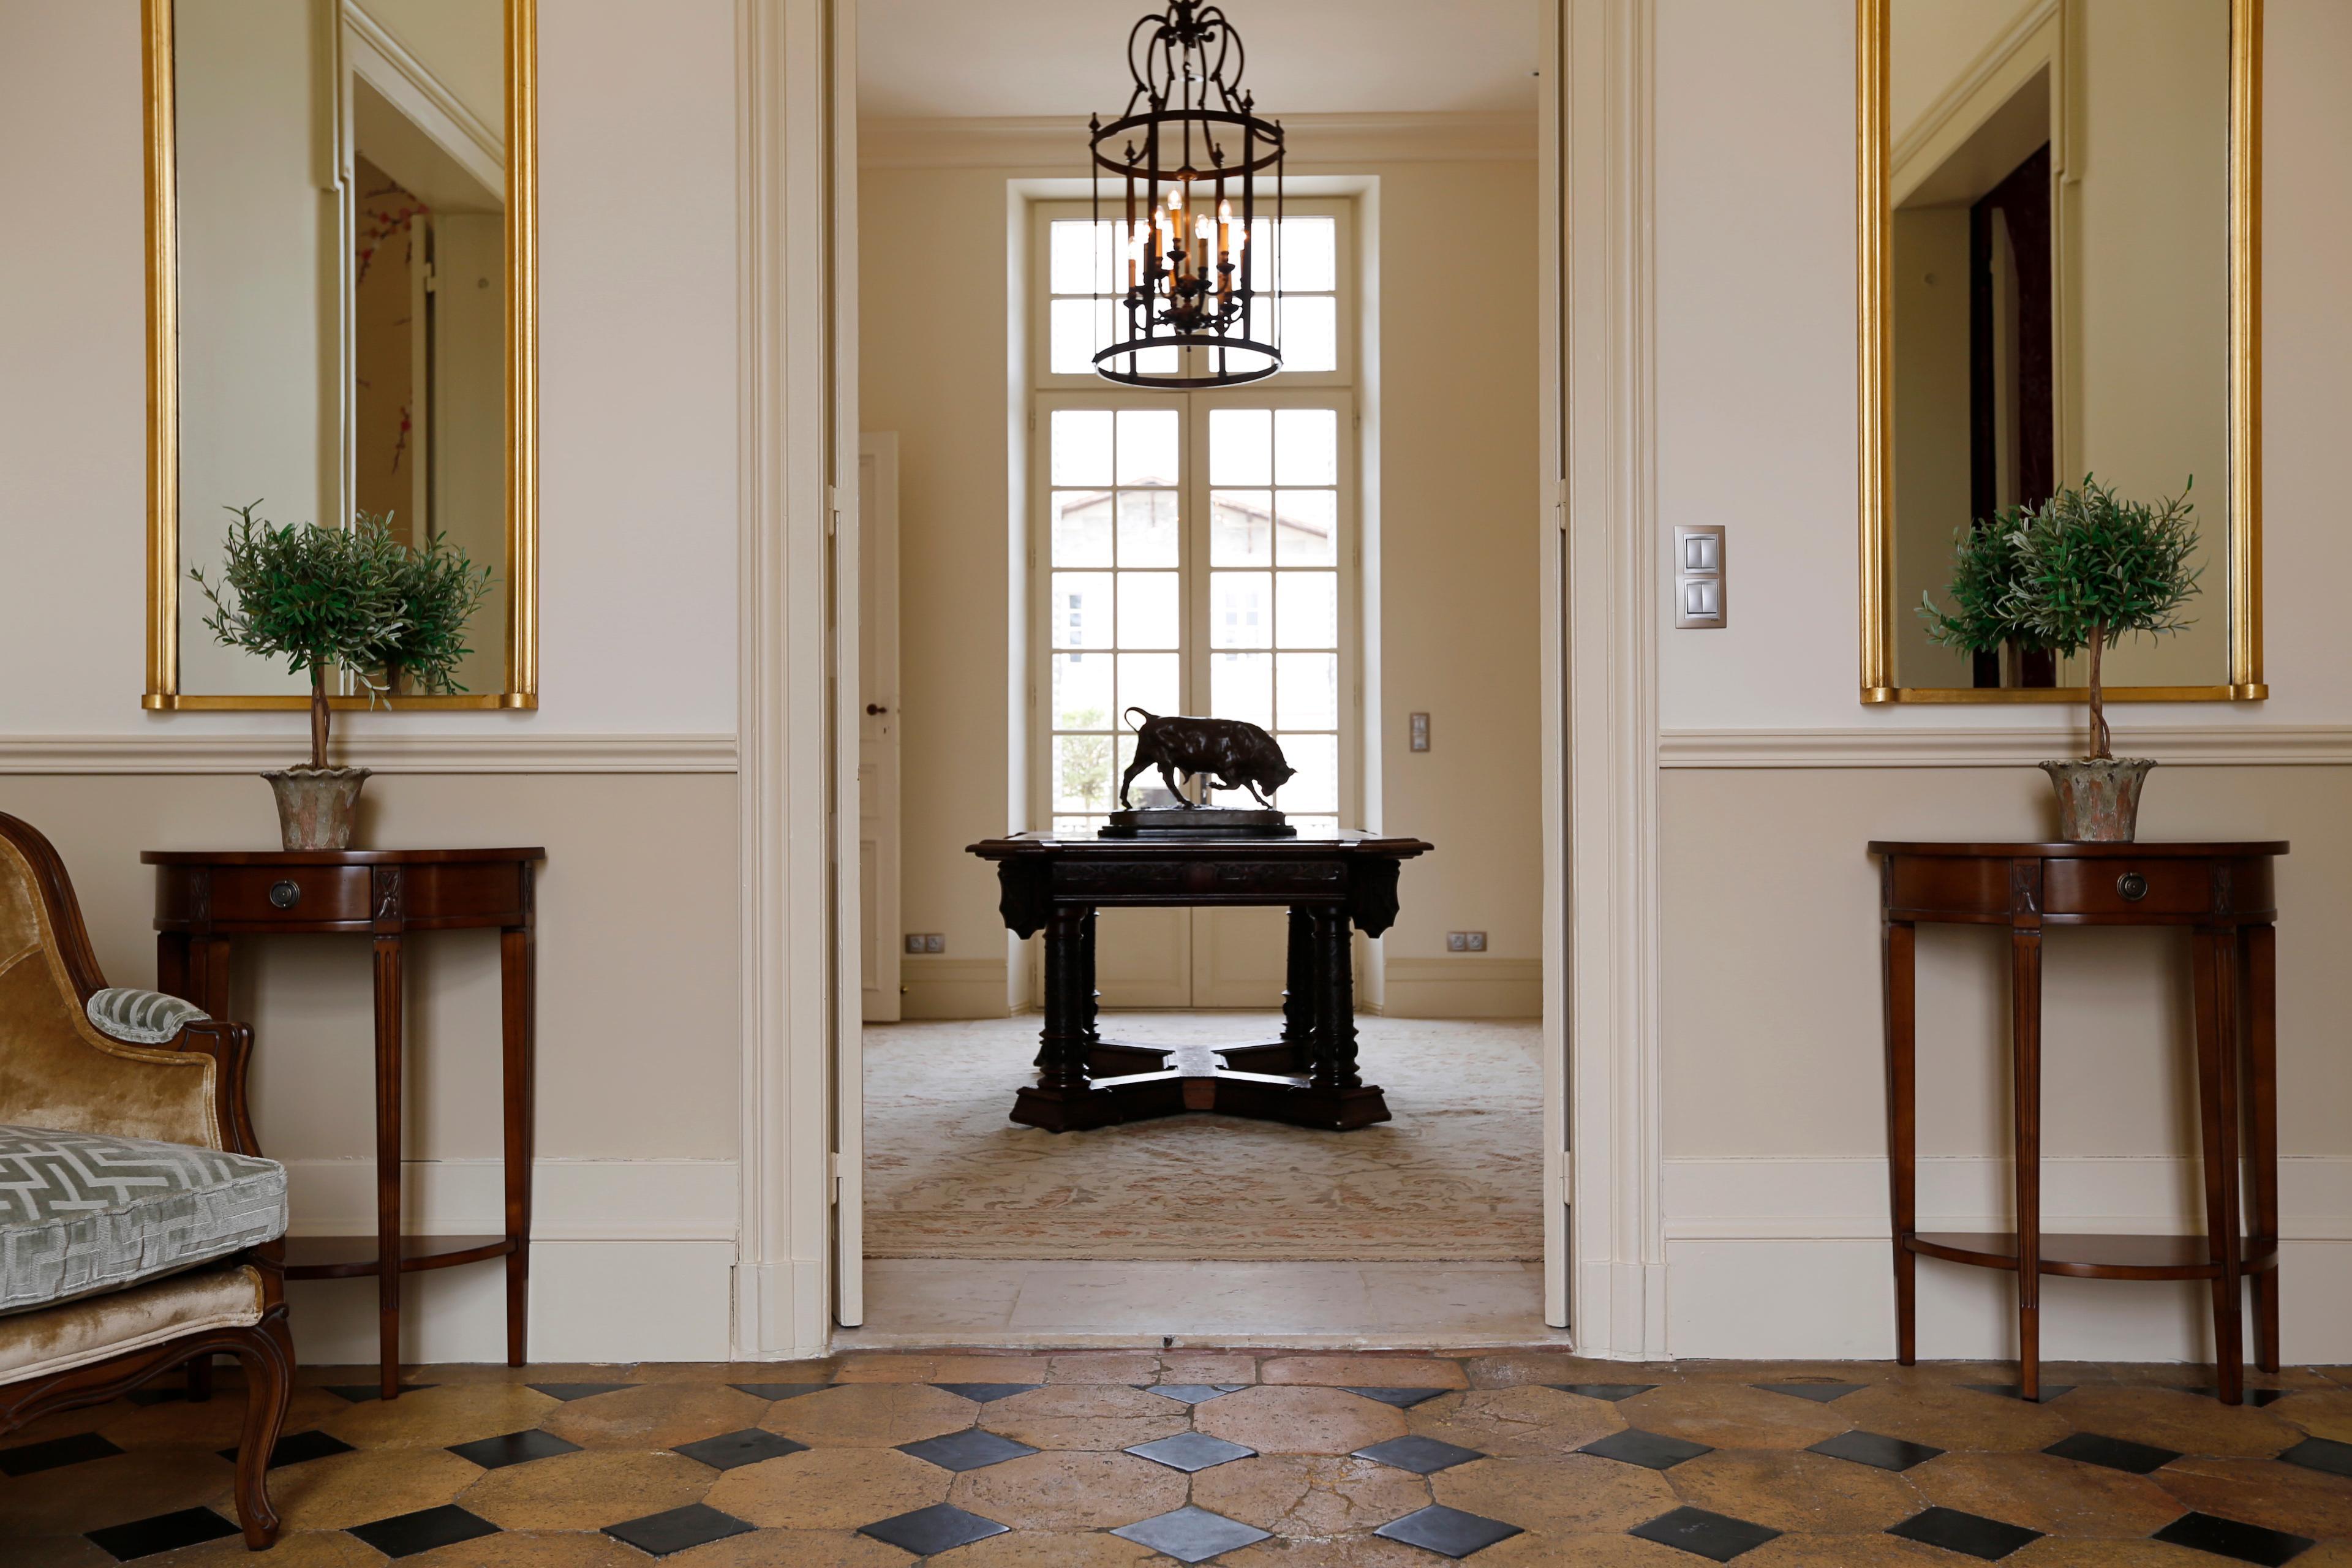 Französischer Landhausstil französischer landhausstil bilder ideen couchs